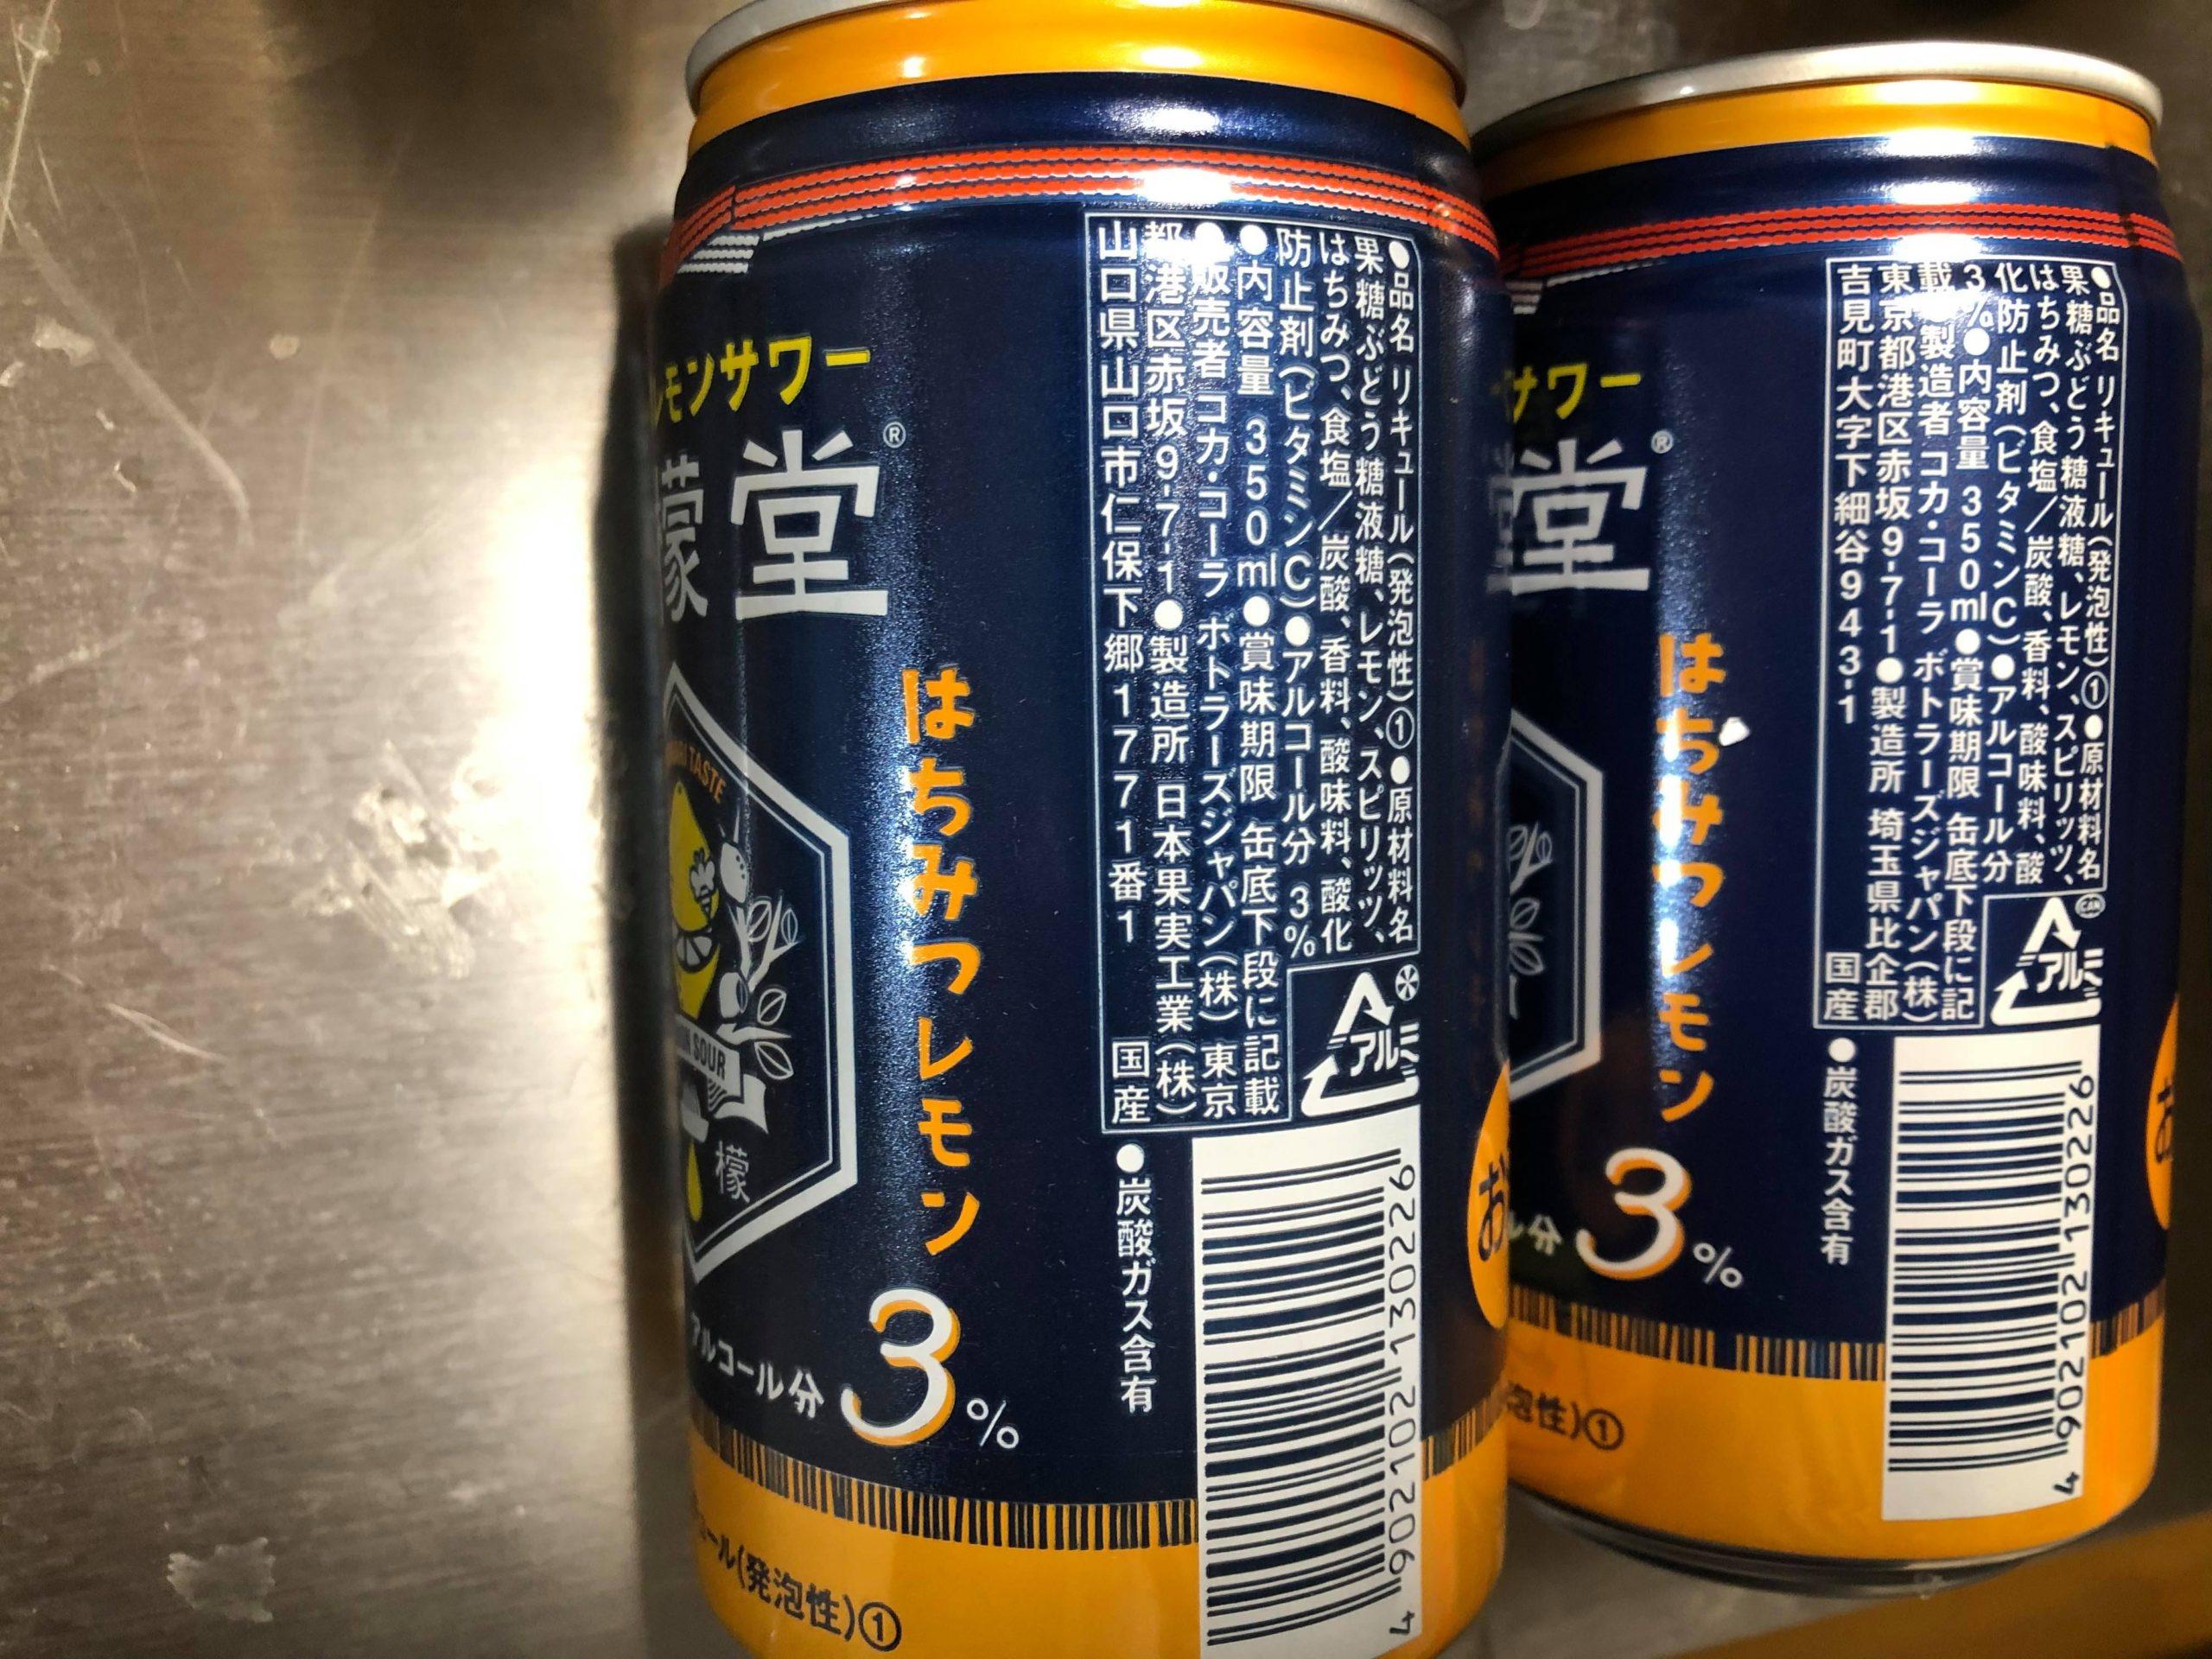 埼玉工場と山口工場のレモン堂「はちみつレモン」